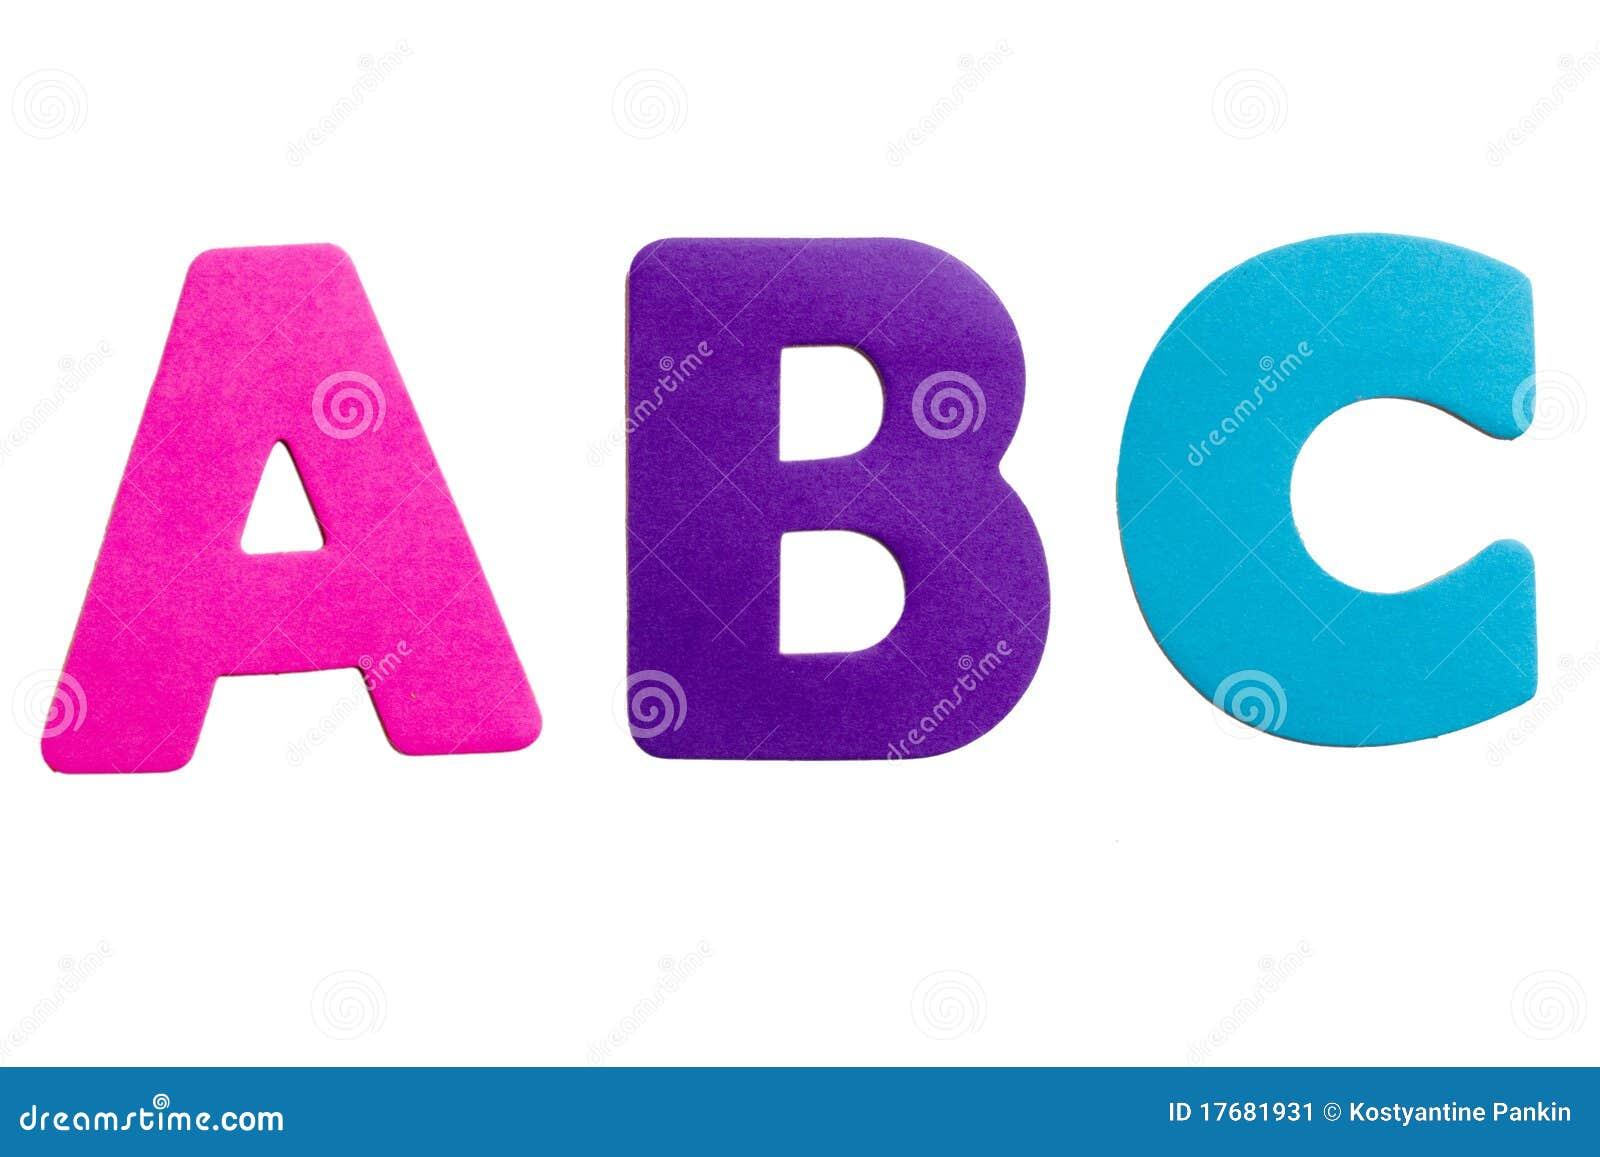 letter abc